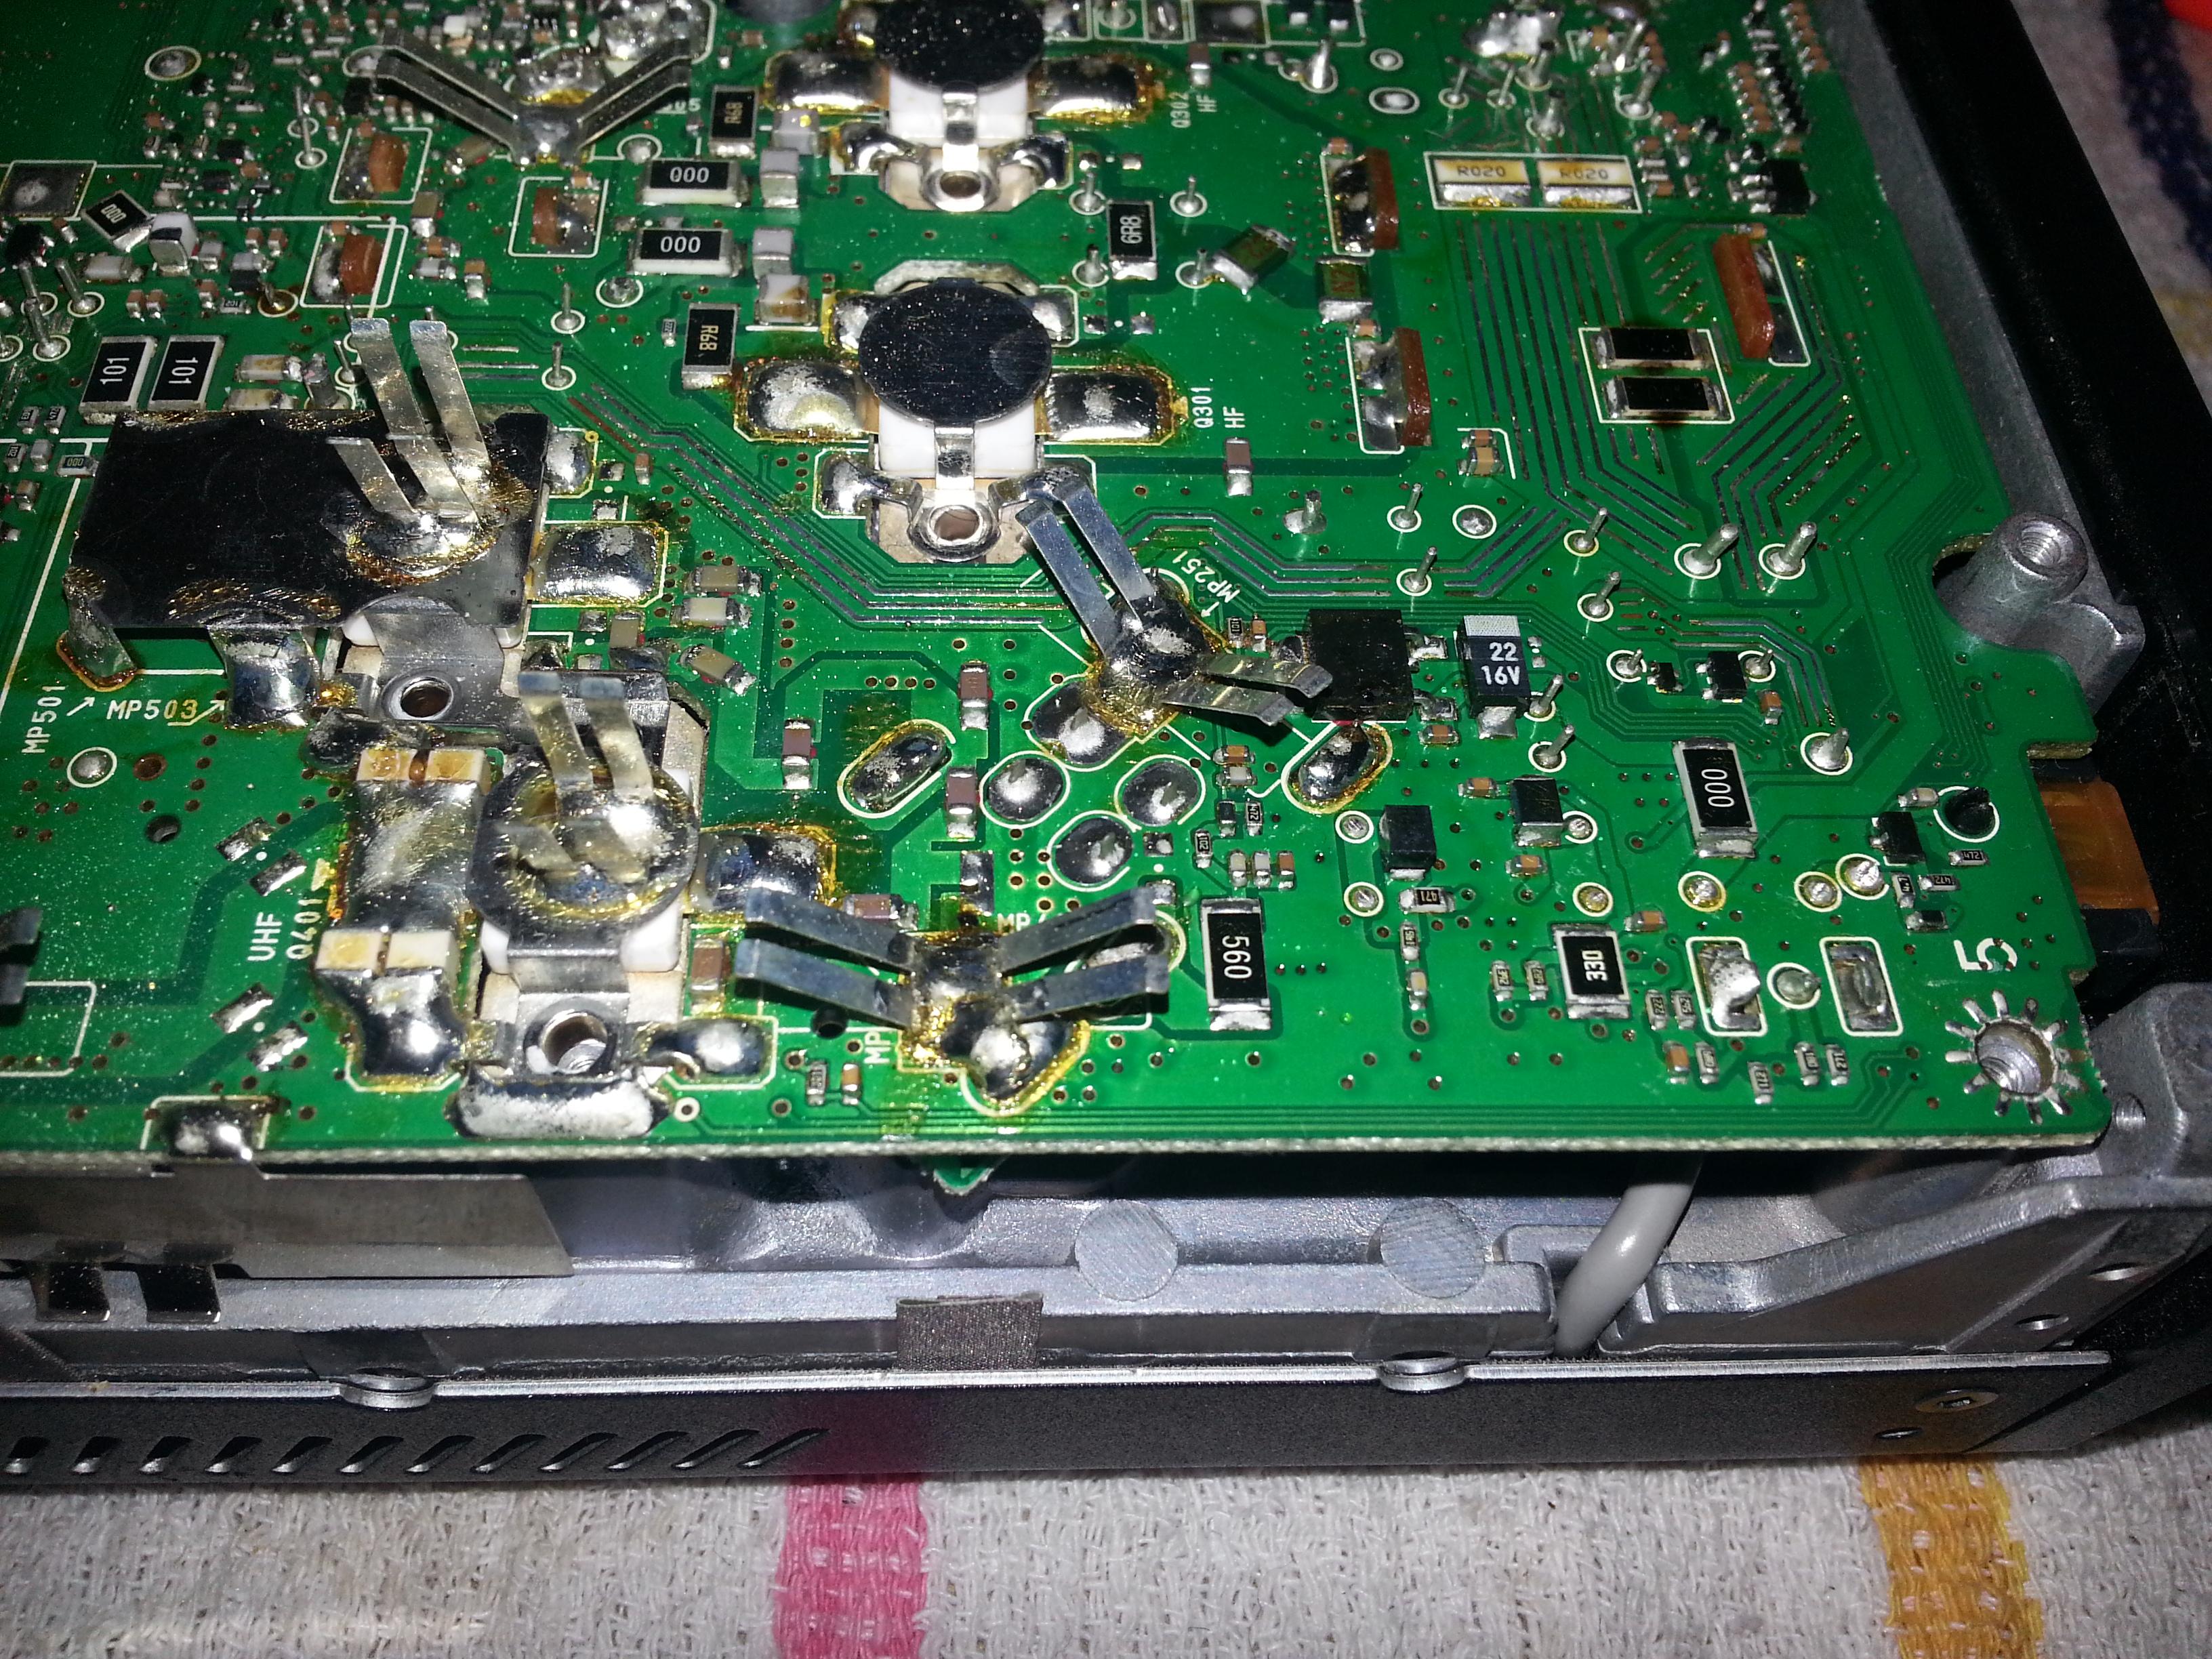 Inside the Icom 7000